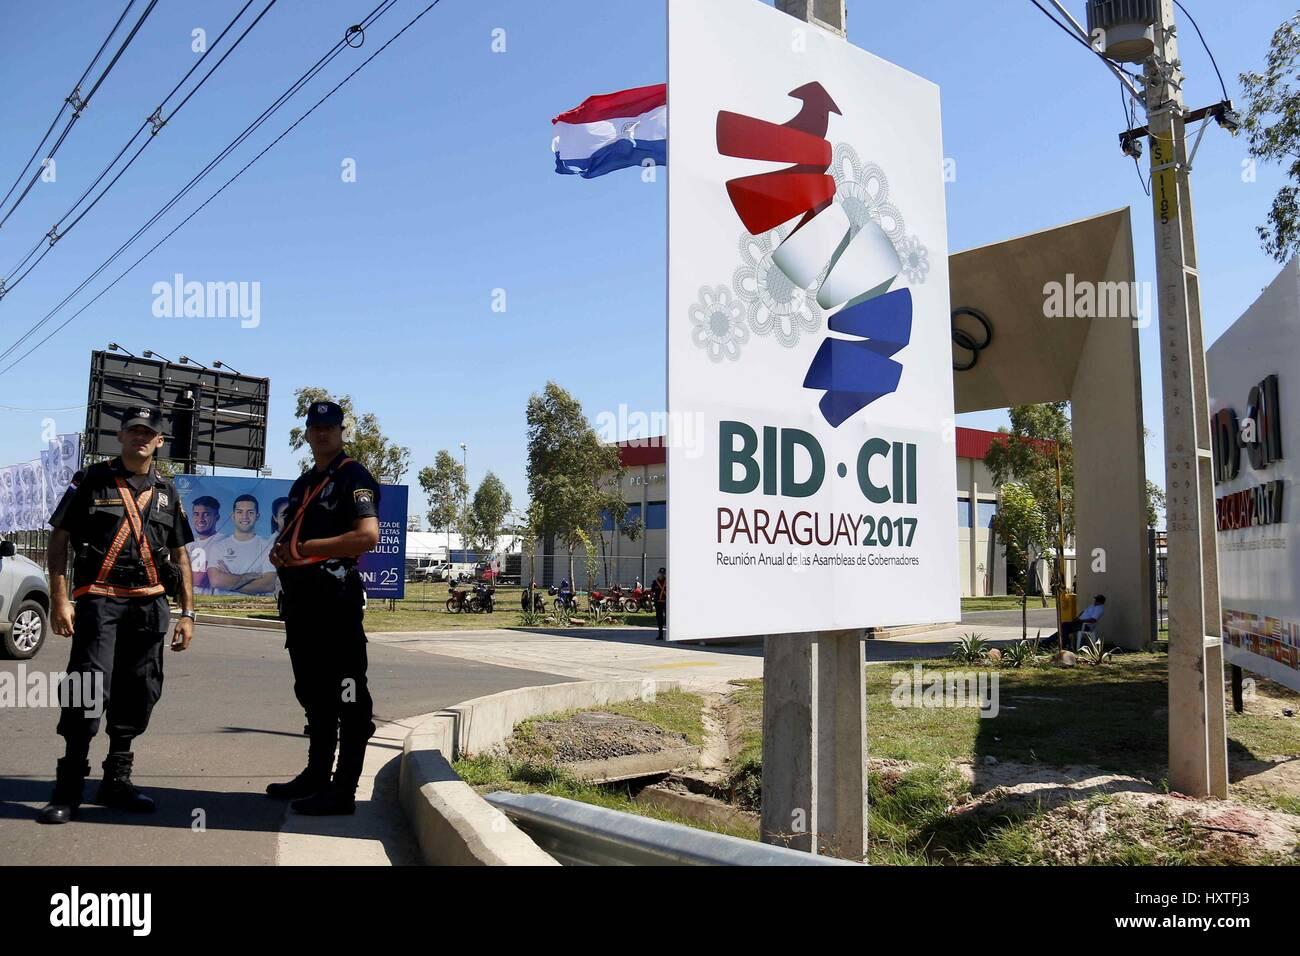 Una vista de la entrada del Comité Olímpico paraguayo en la 58ª Reunión  Anual del Banco Interamericano de Desarrollo (BID) tiene lugar en Luque 4b63c94ad1b19